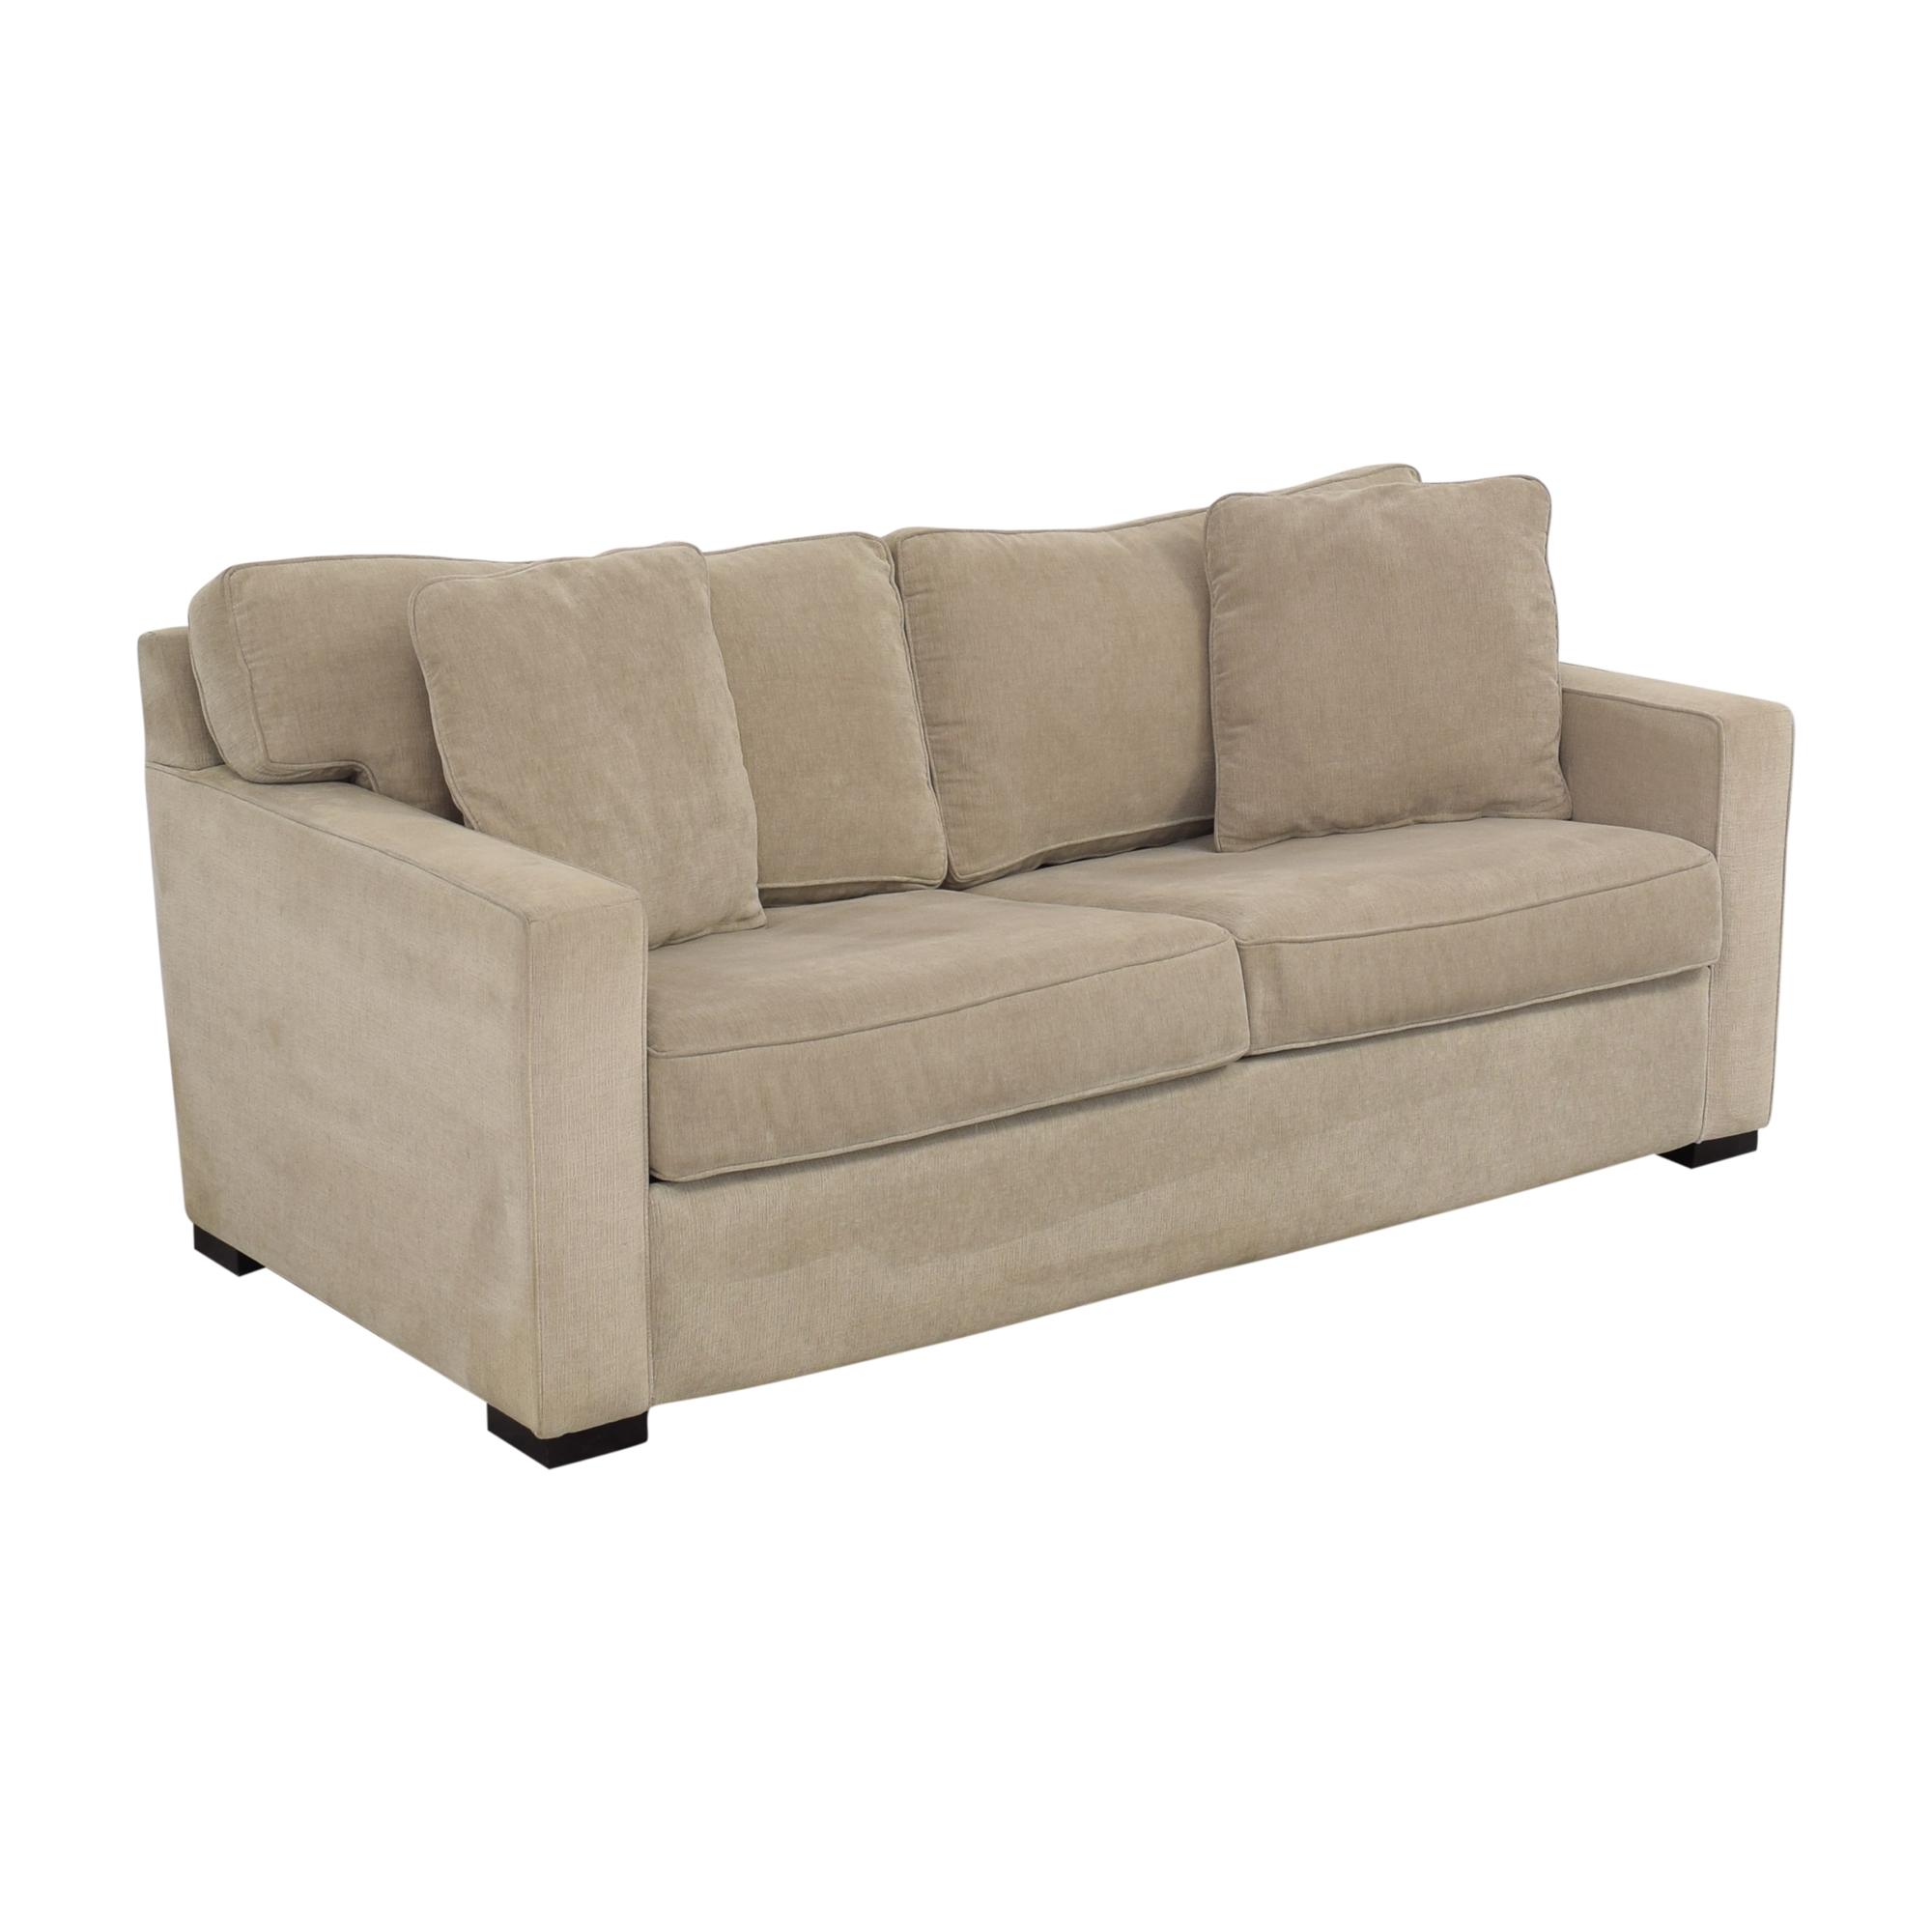 Macy's Macy's Two Cushion Sleeper Sofa dimensions